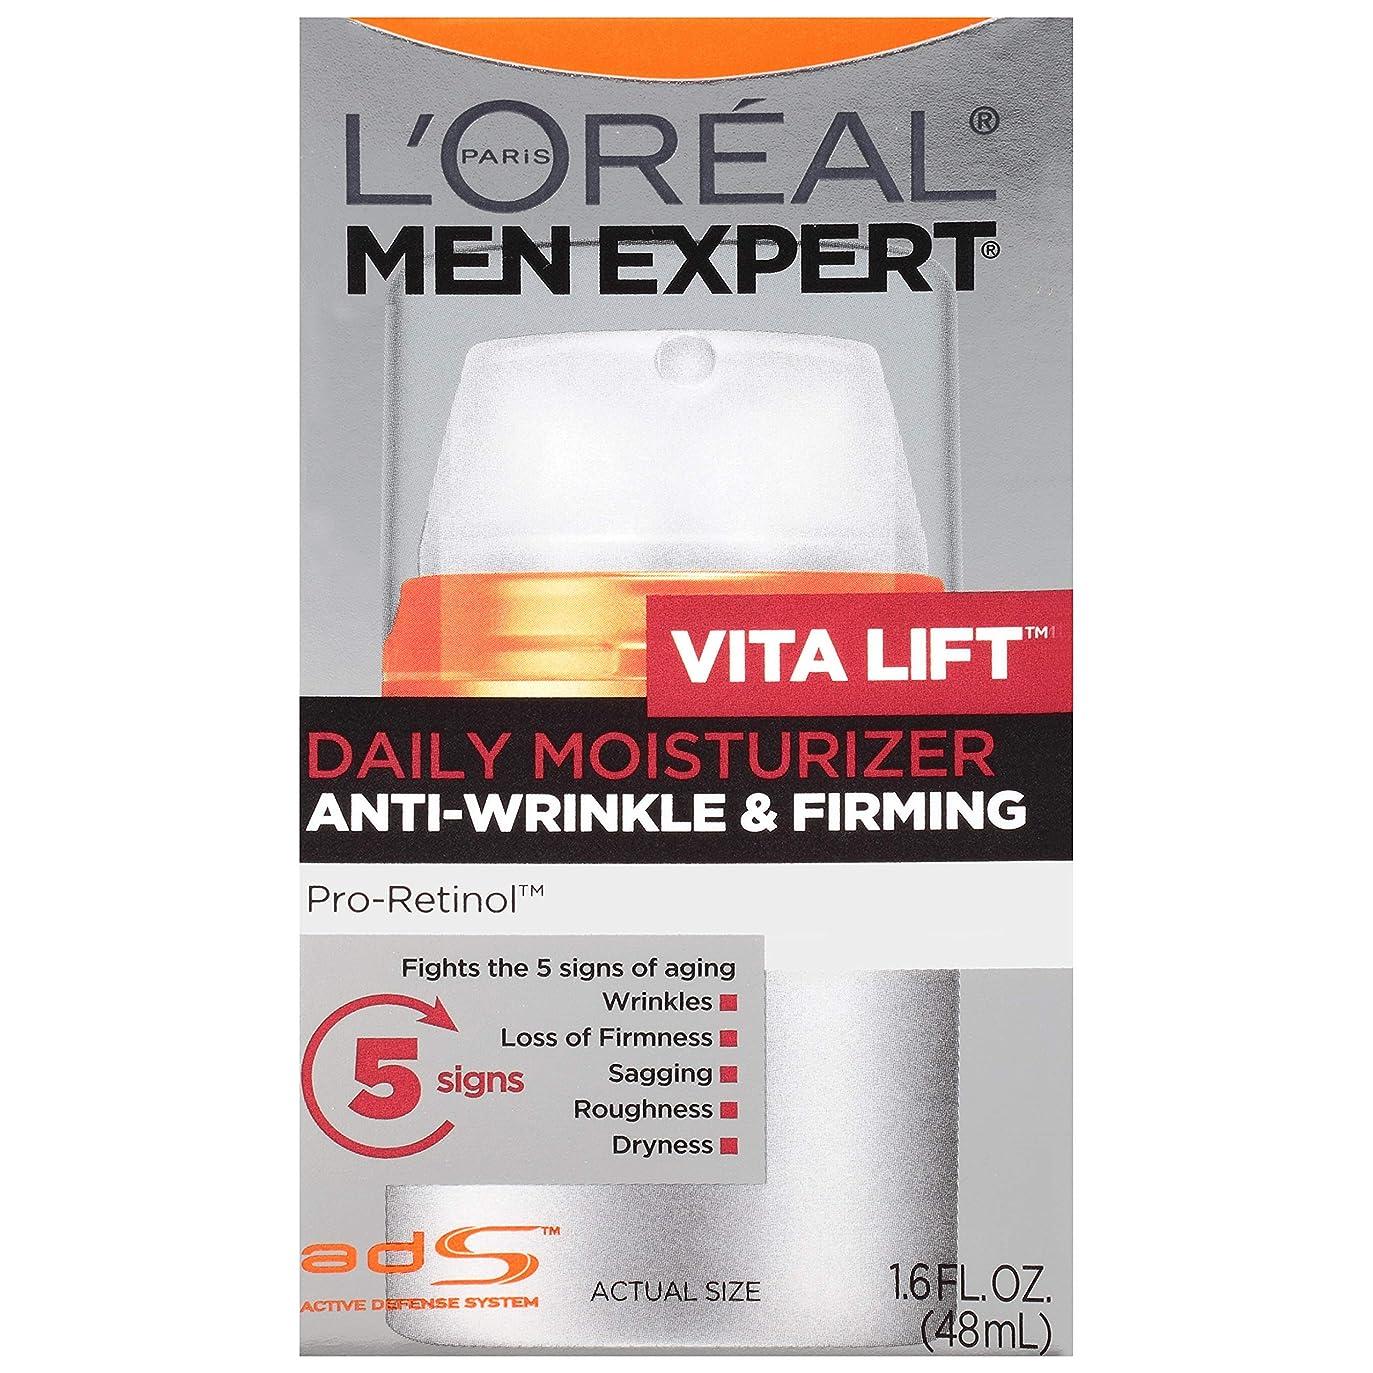 社員ジョブ薬剤師Men's Expert L'Oreal Paris Vita Lift Anti-Wrinkle & Firming Moisturizer, 1.6 Ounces